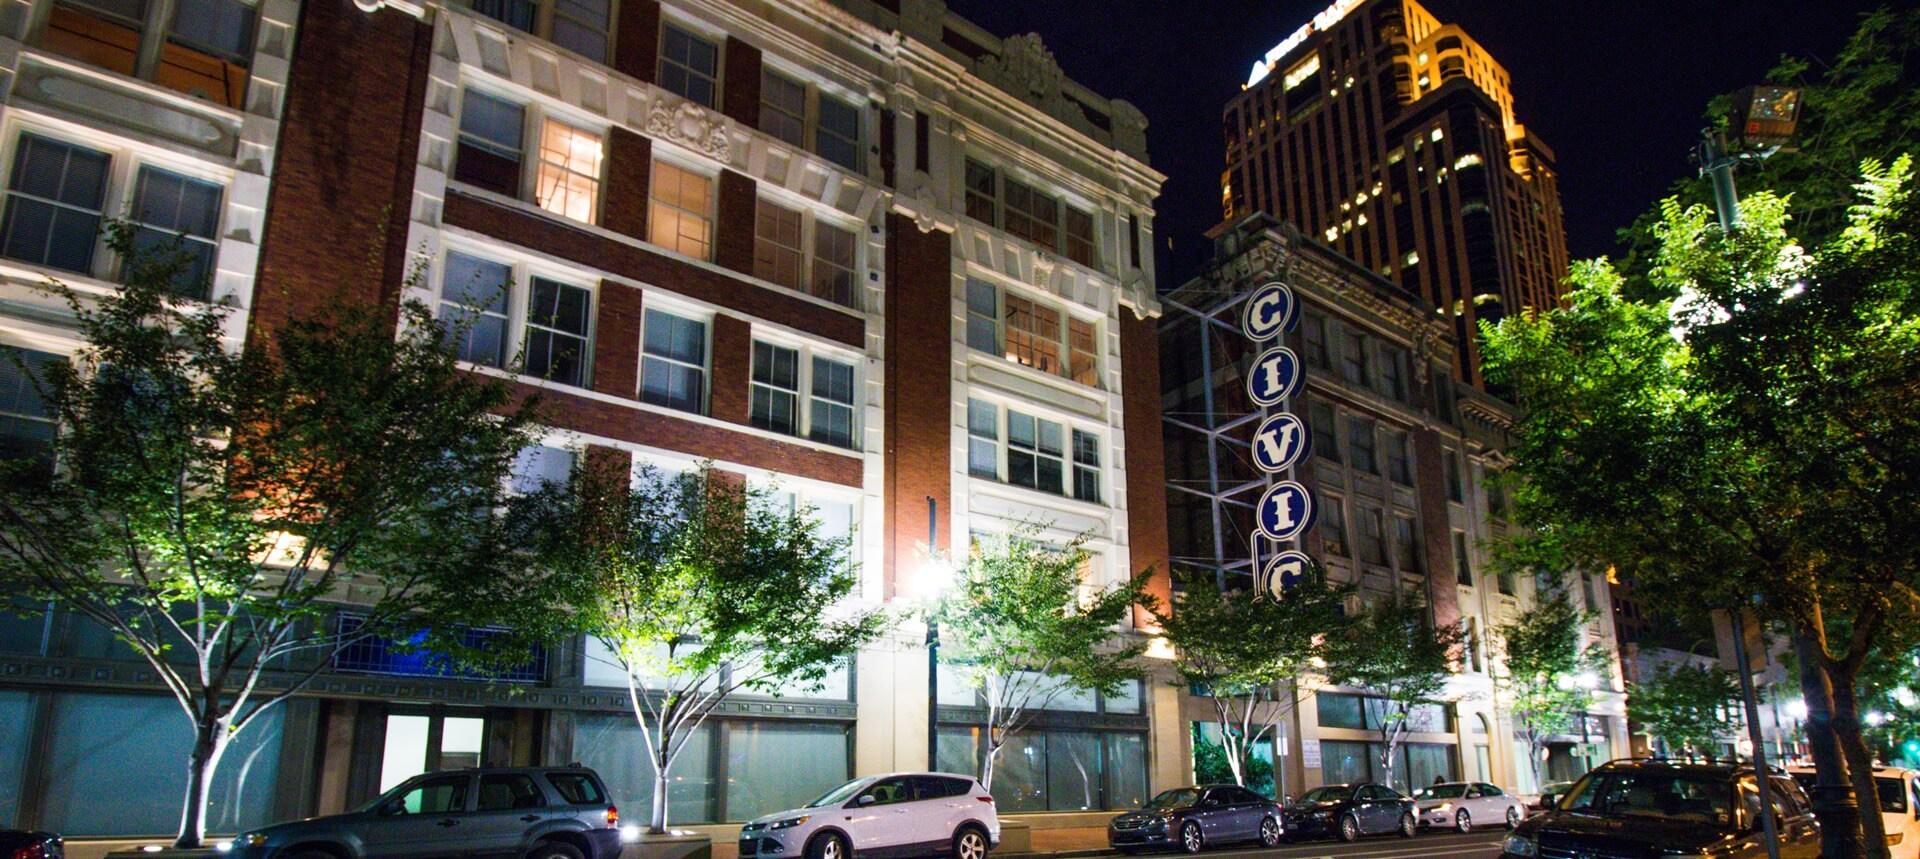 Civic Lofts building at night